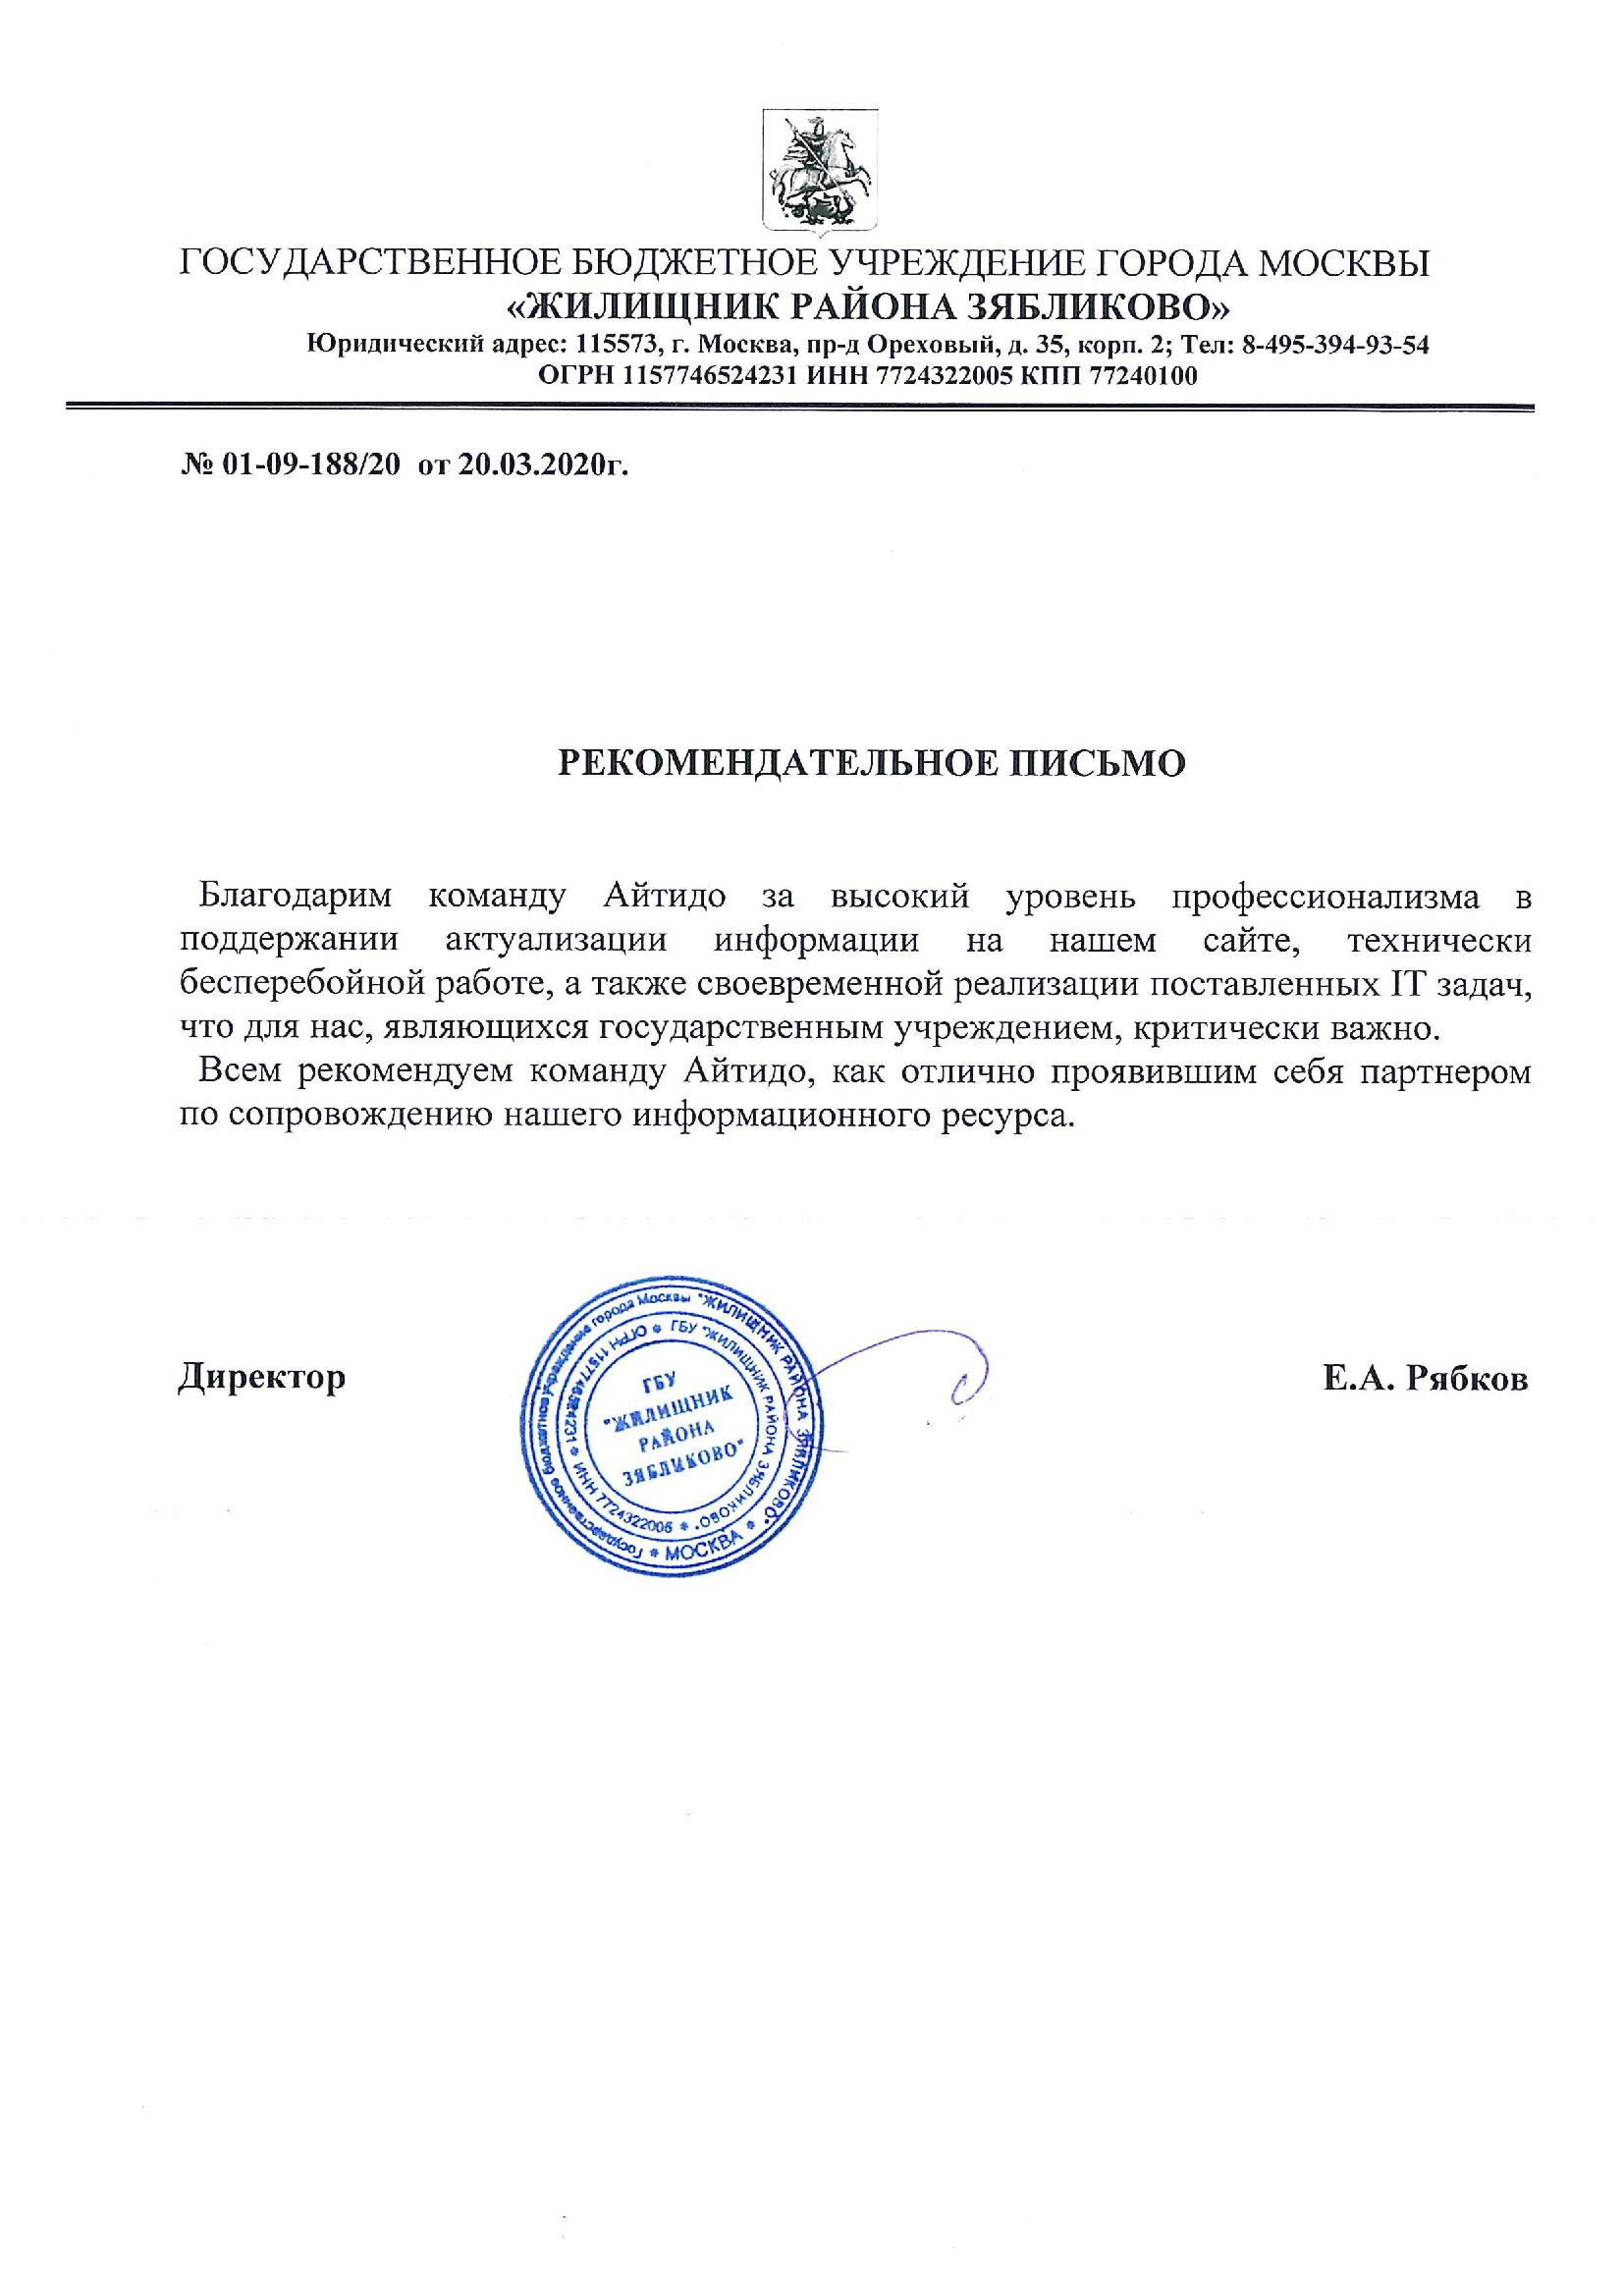 """""""Жилищник района Зябликово"""""""